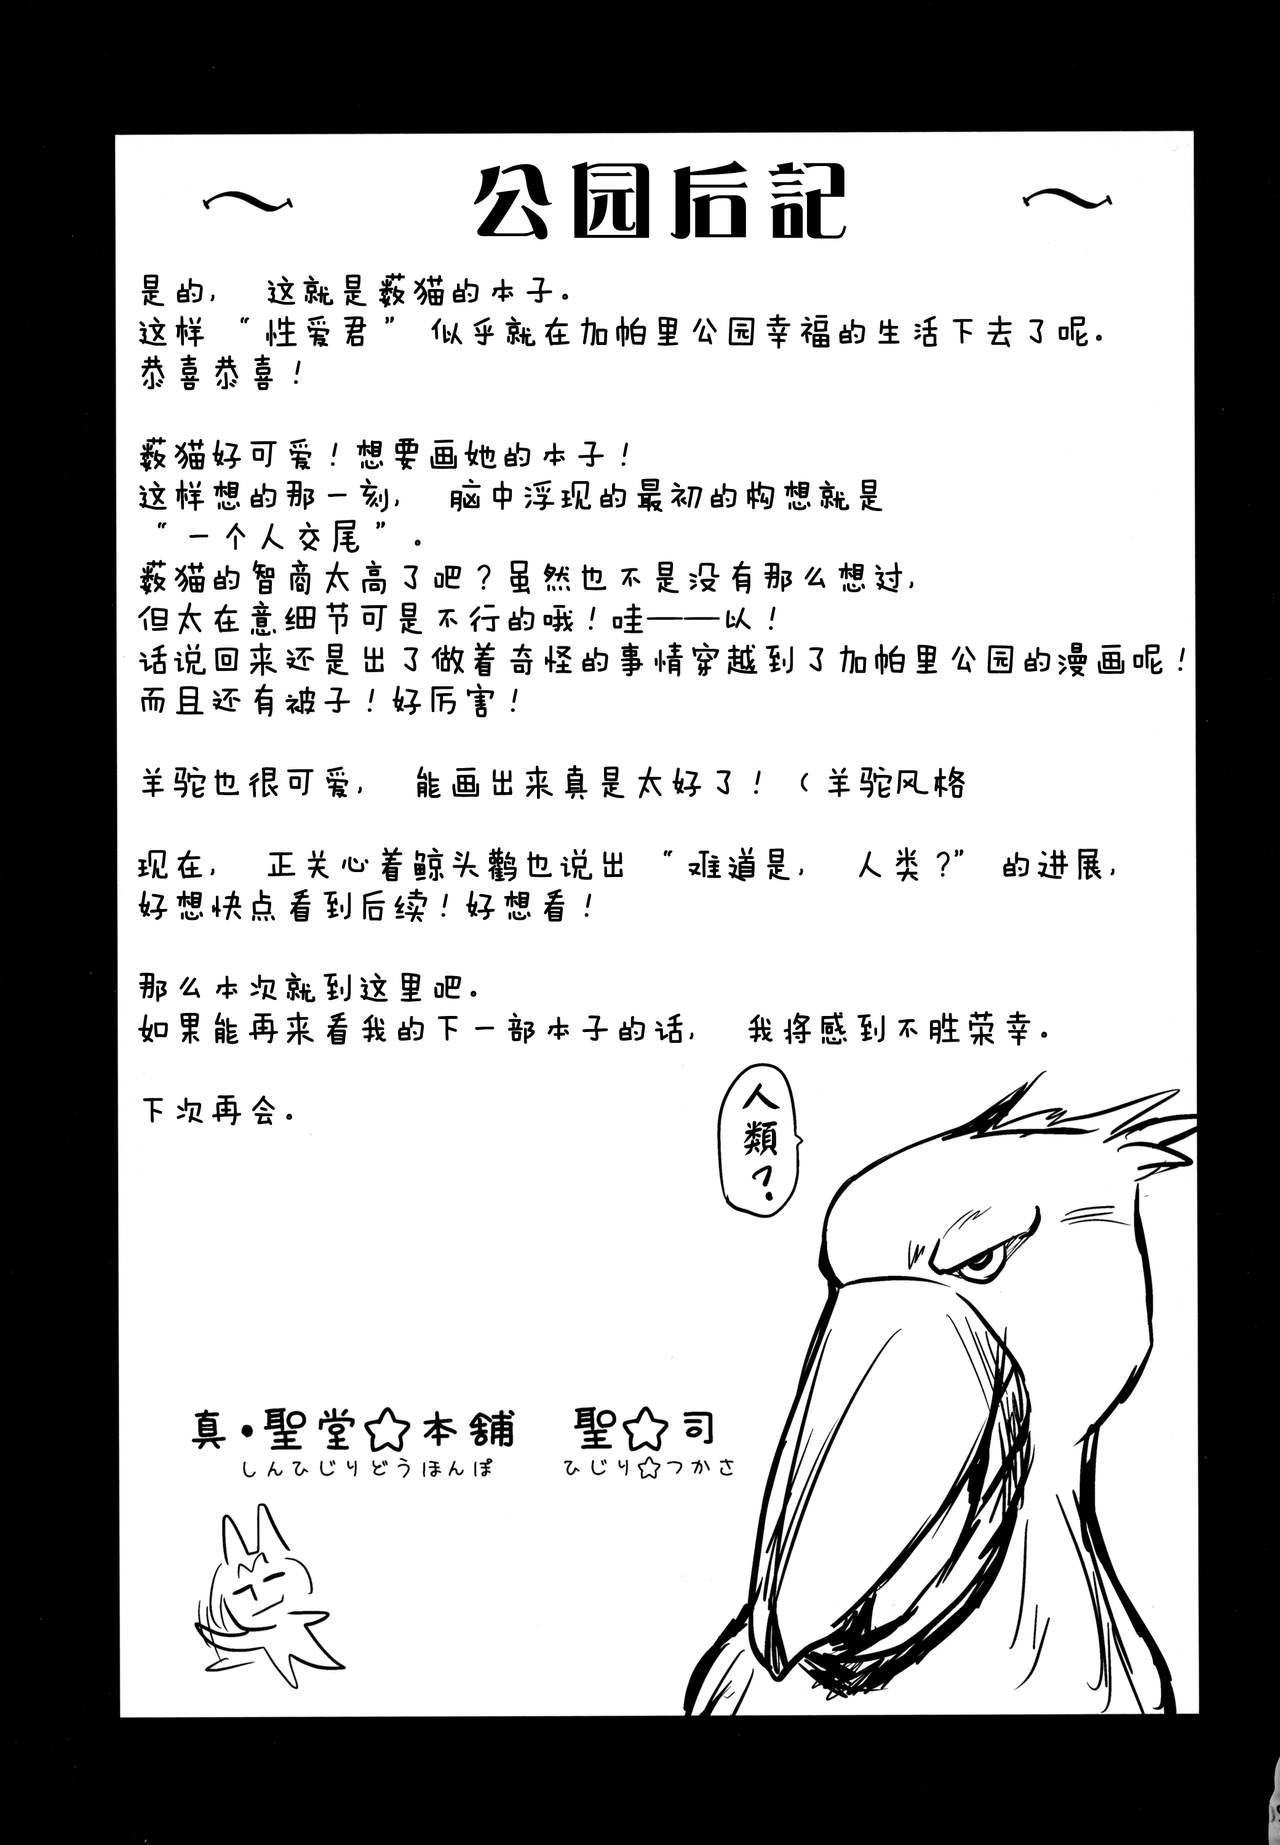 """(SC2017 Winter) [Shin Hirijidou Honpo (Hijiri Tsukasa)] Sugoi! Anata wa Hitori Koubi Gokko ga Tokui na Friends Nanda ne - Serval-chan ni, """"Hanshoku no Tame no Koubi"""" ja nai, Kimochiyoku Naru Tame no """"Namahame Sex"""" Oshieteageru Hanashi. [Chinese] [无毒汉化组] 19"""